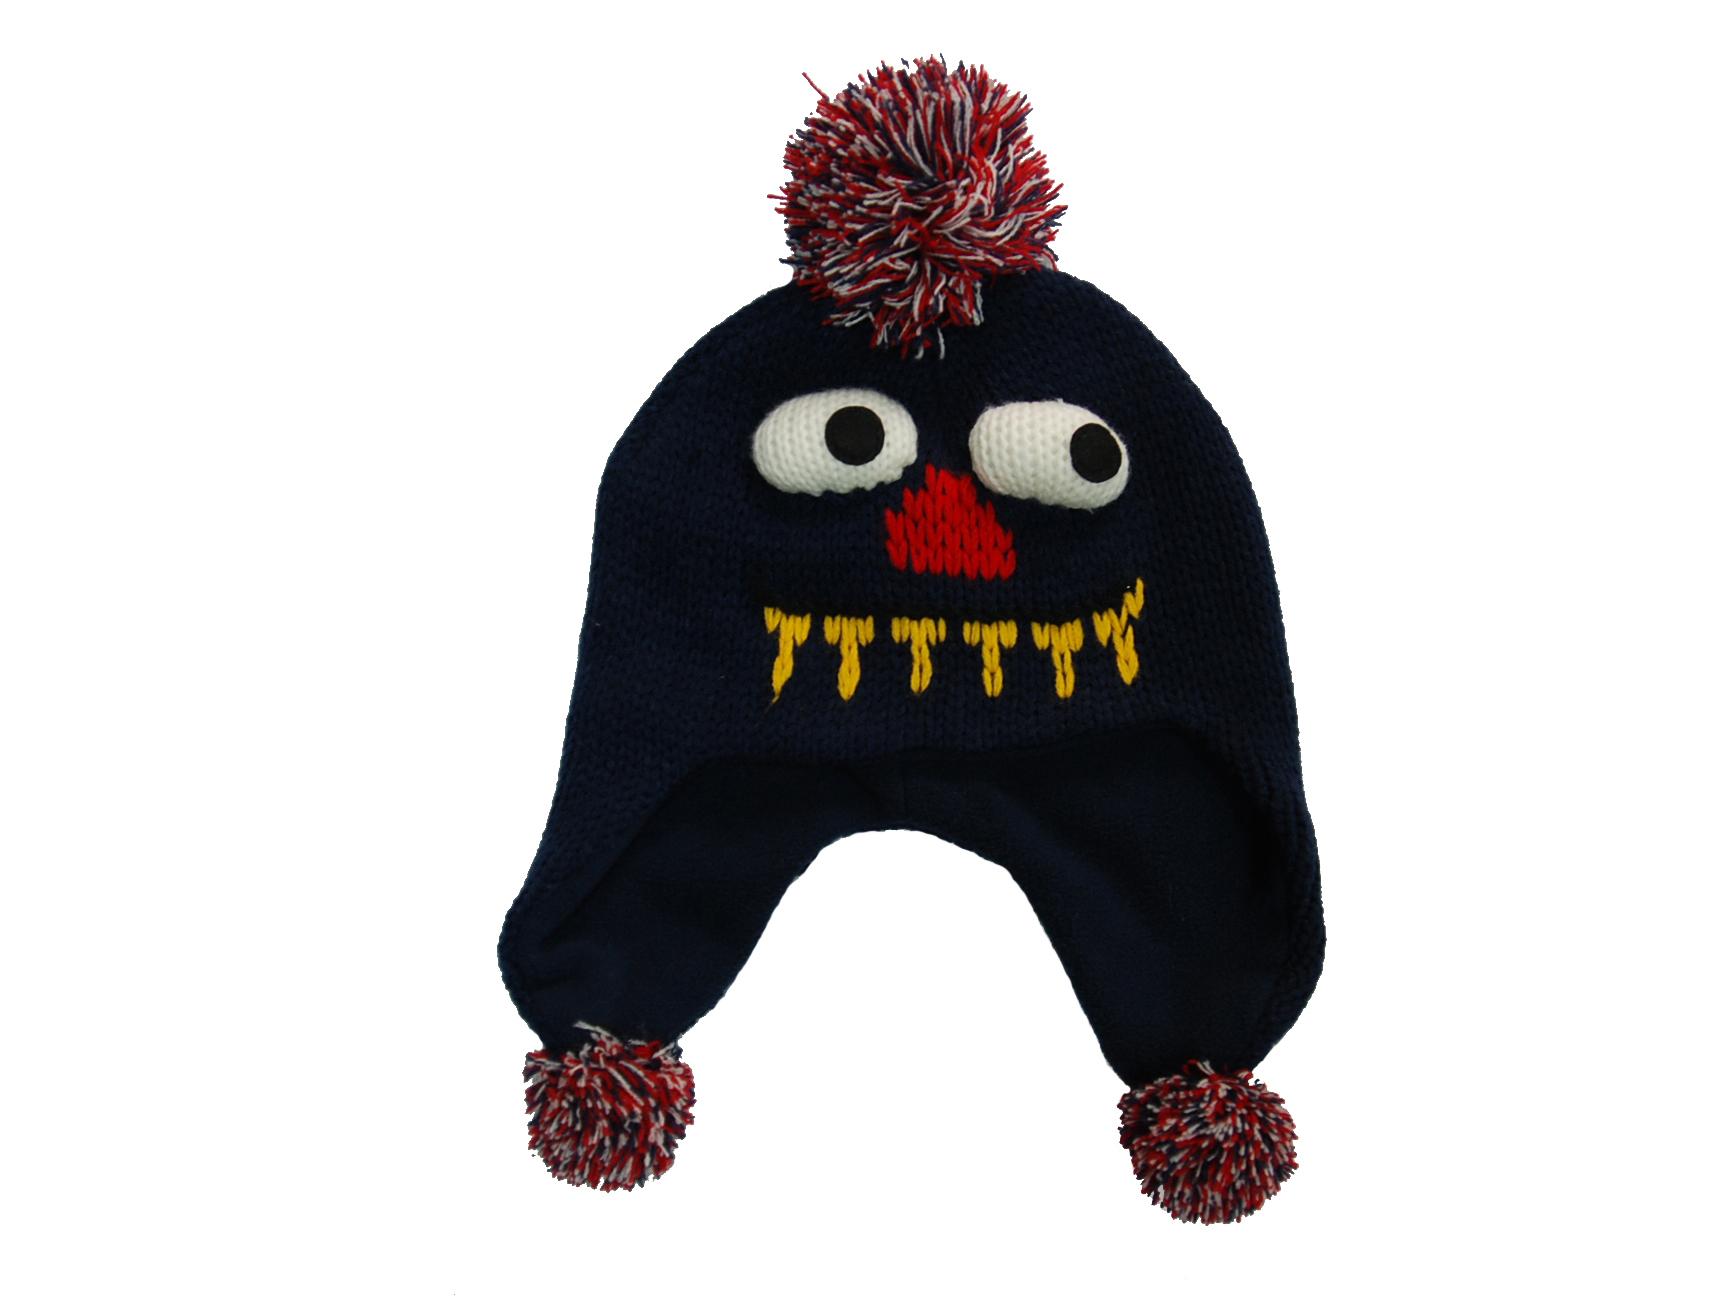 针织帽子 Knitted Hat